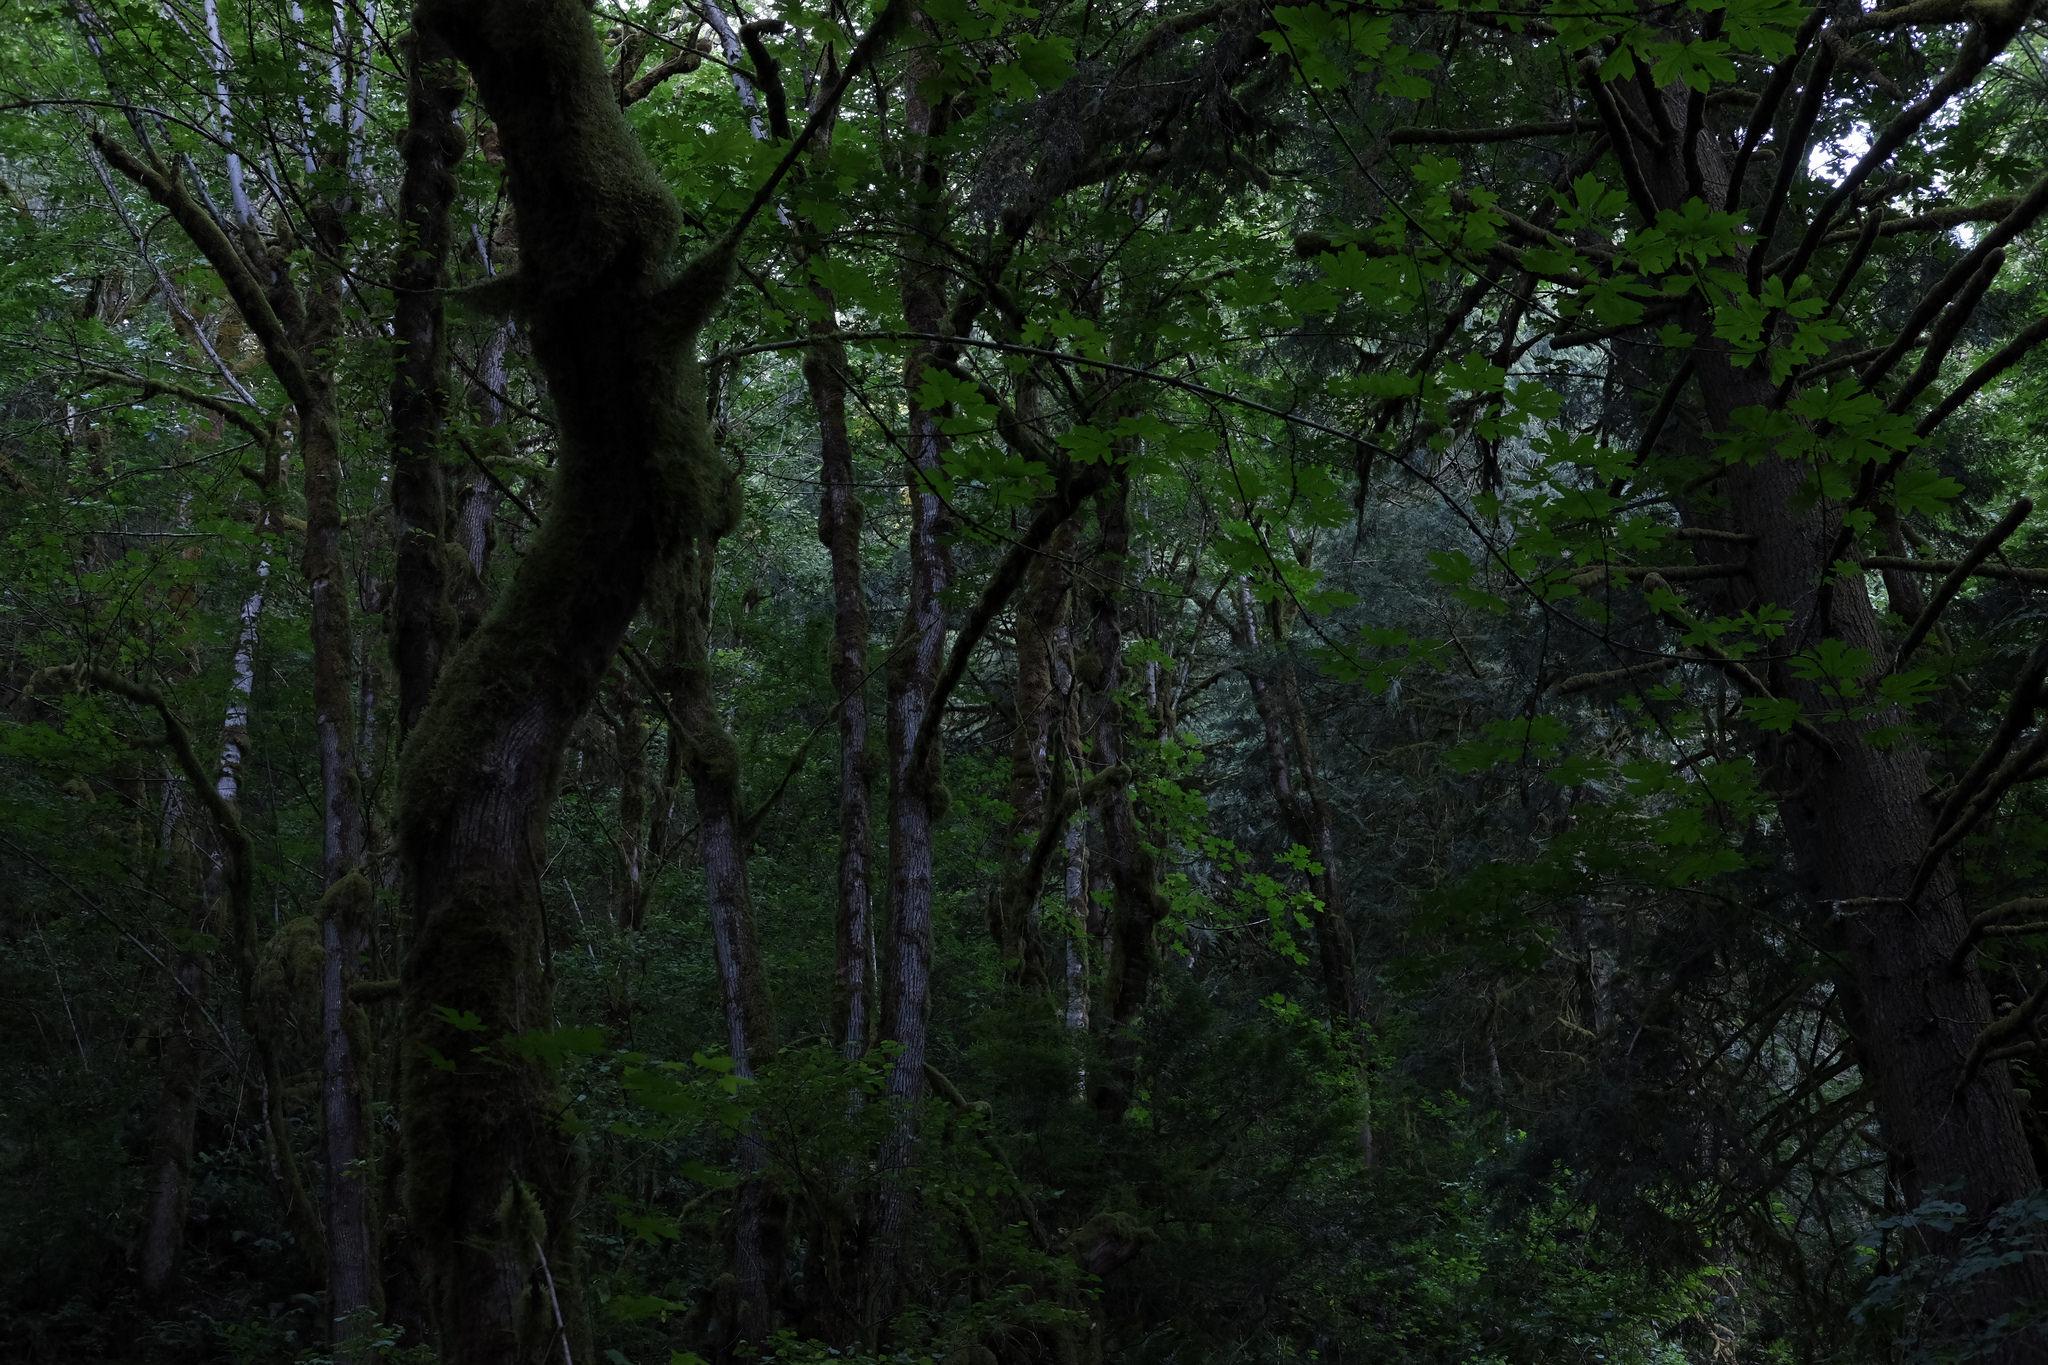 Oxbow Regional Park, Multnomah County, OR. Photo by Ilya Yakubovich/Flikr